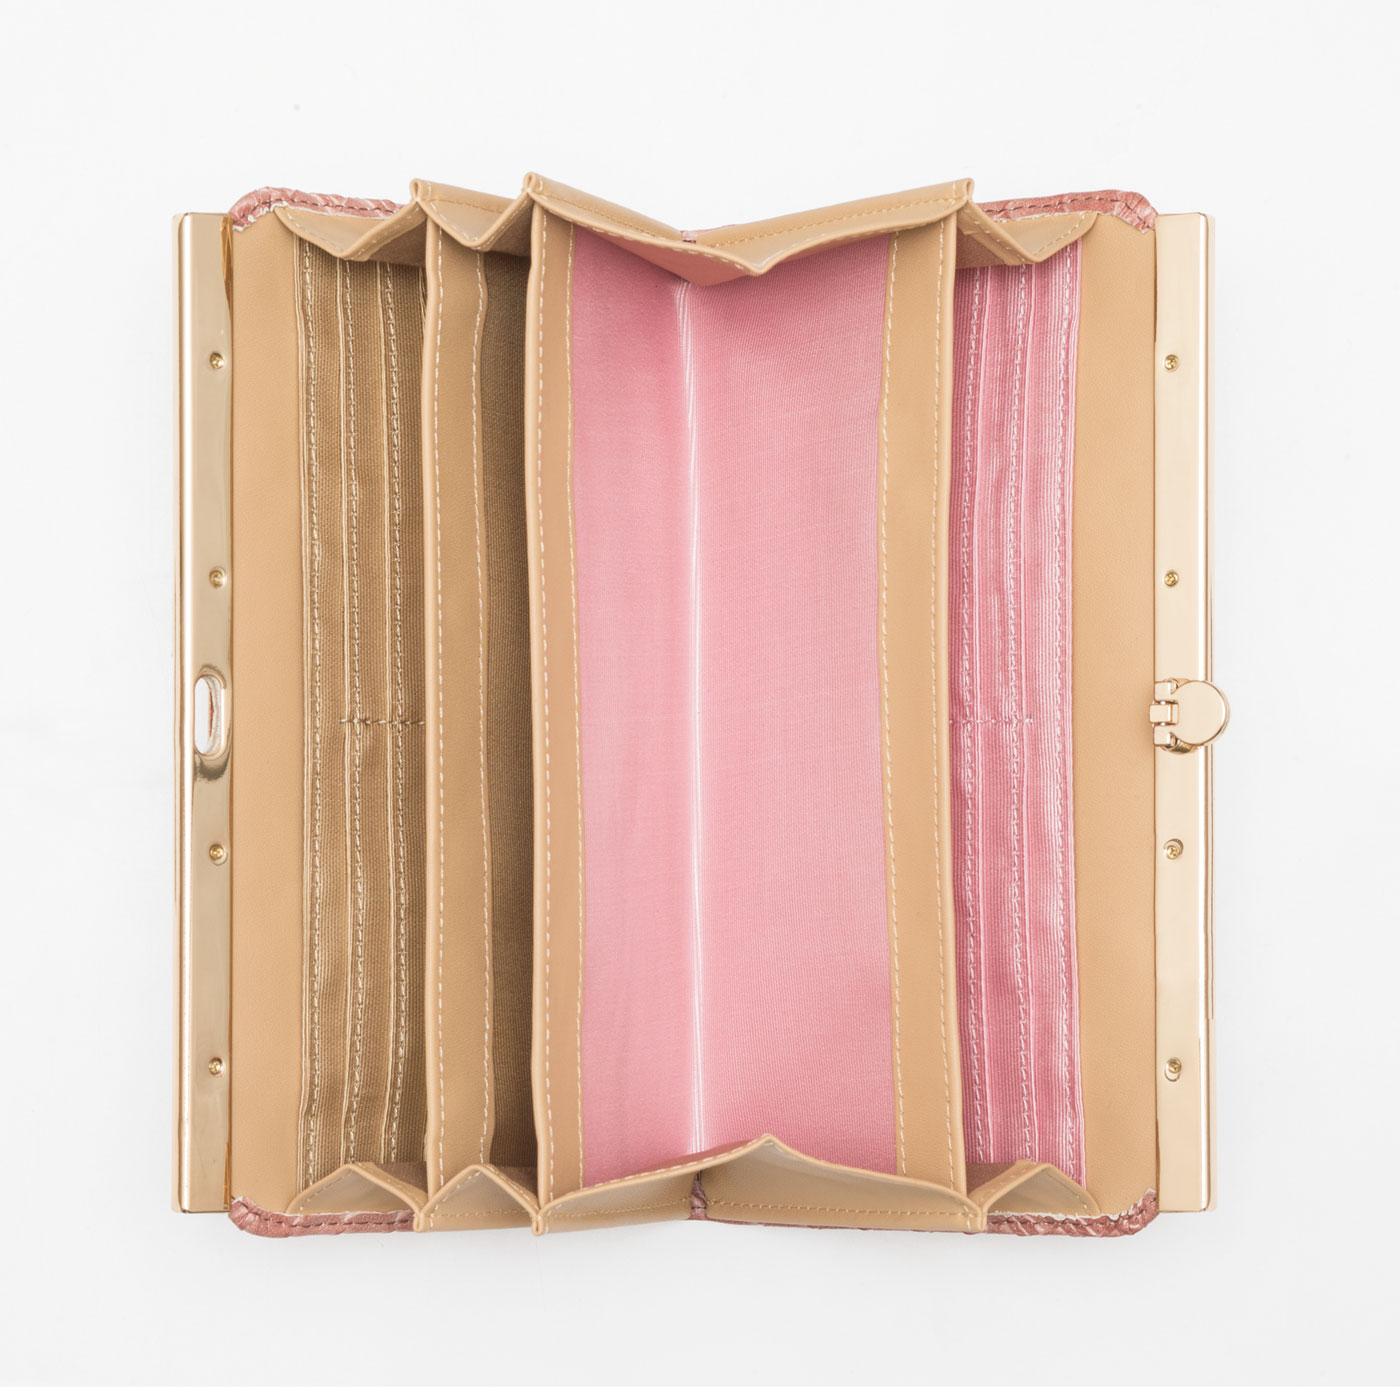 〈アンティークピンク〉内側 内生地は2色遣い。カードの種類や用途ごとに分けておくと便利。